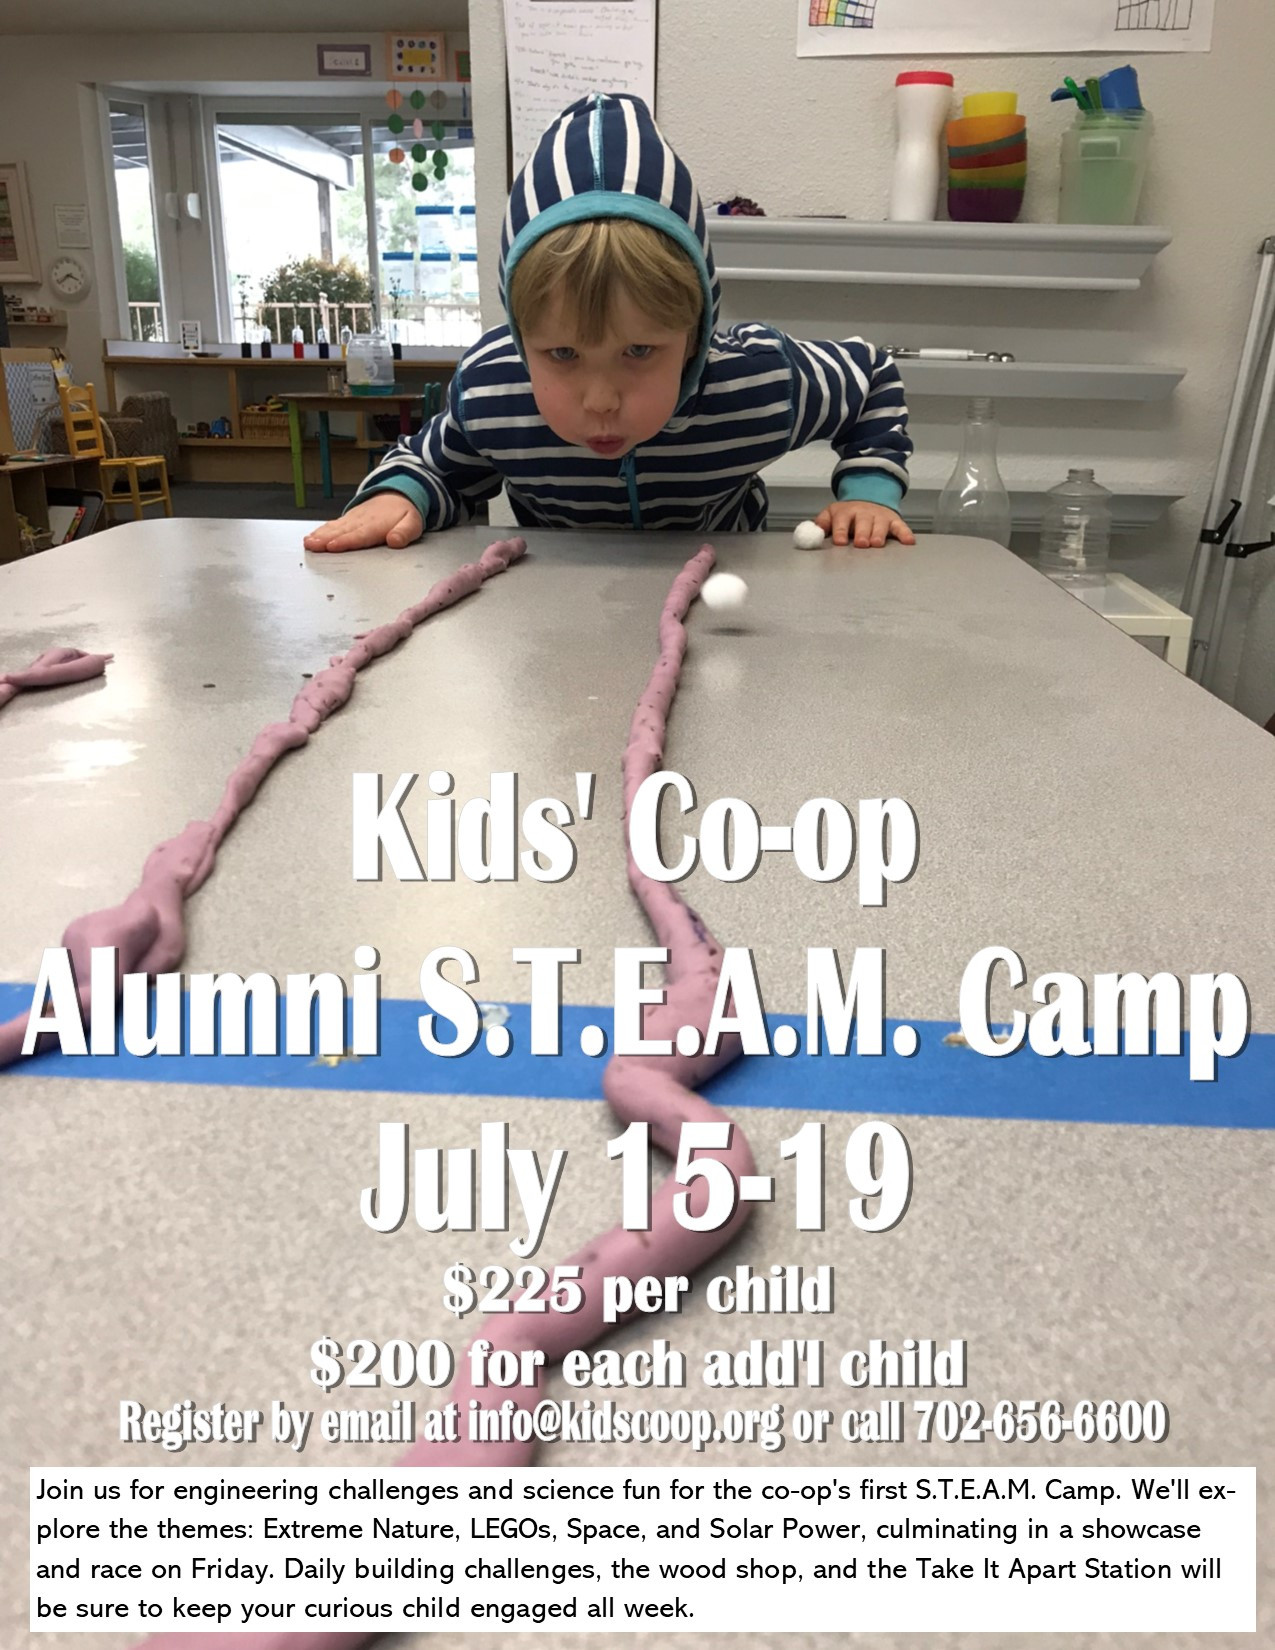 Alumni STEAM Camp